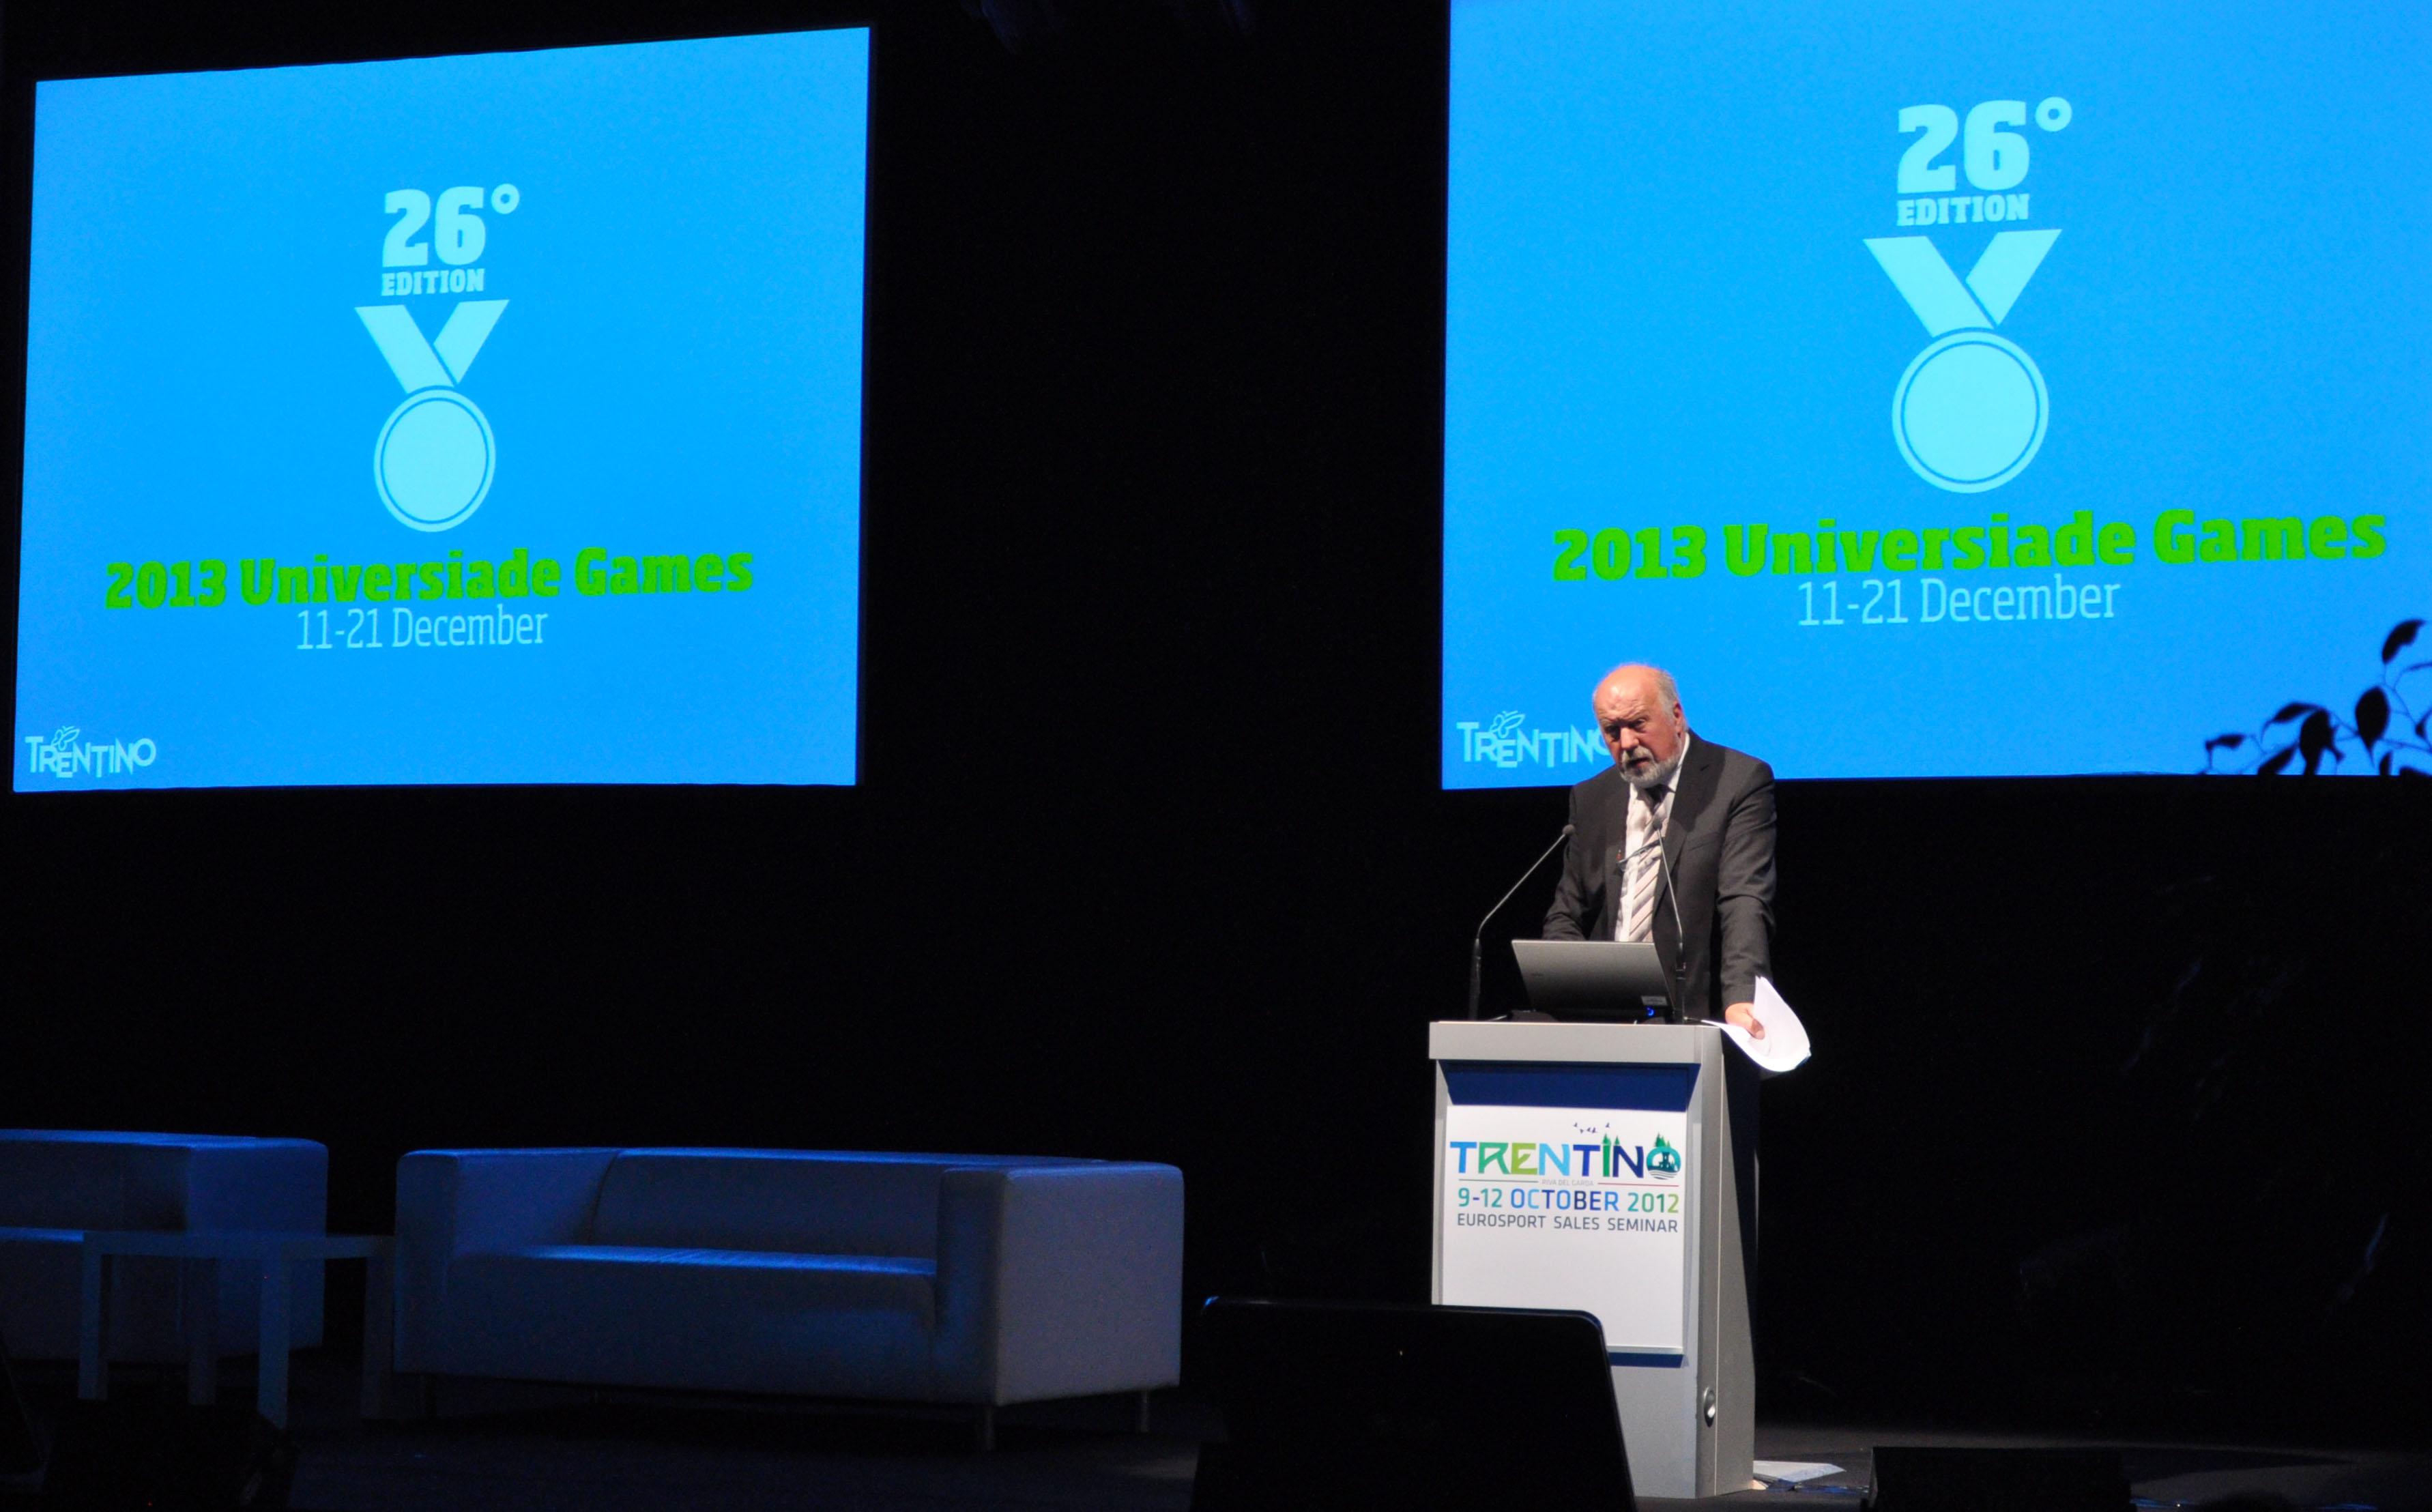 Universiade del Trentino 2013